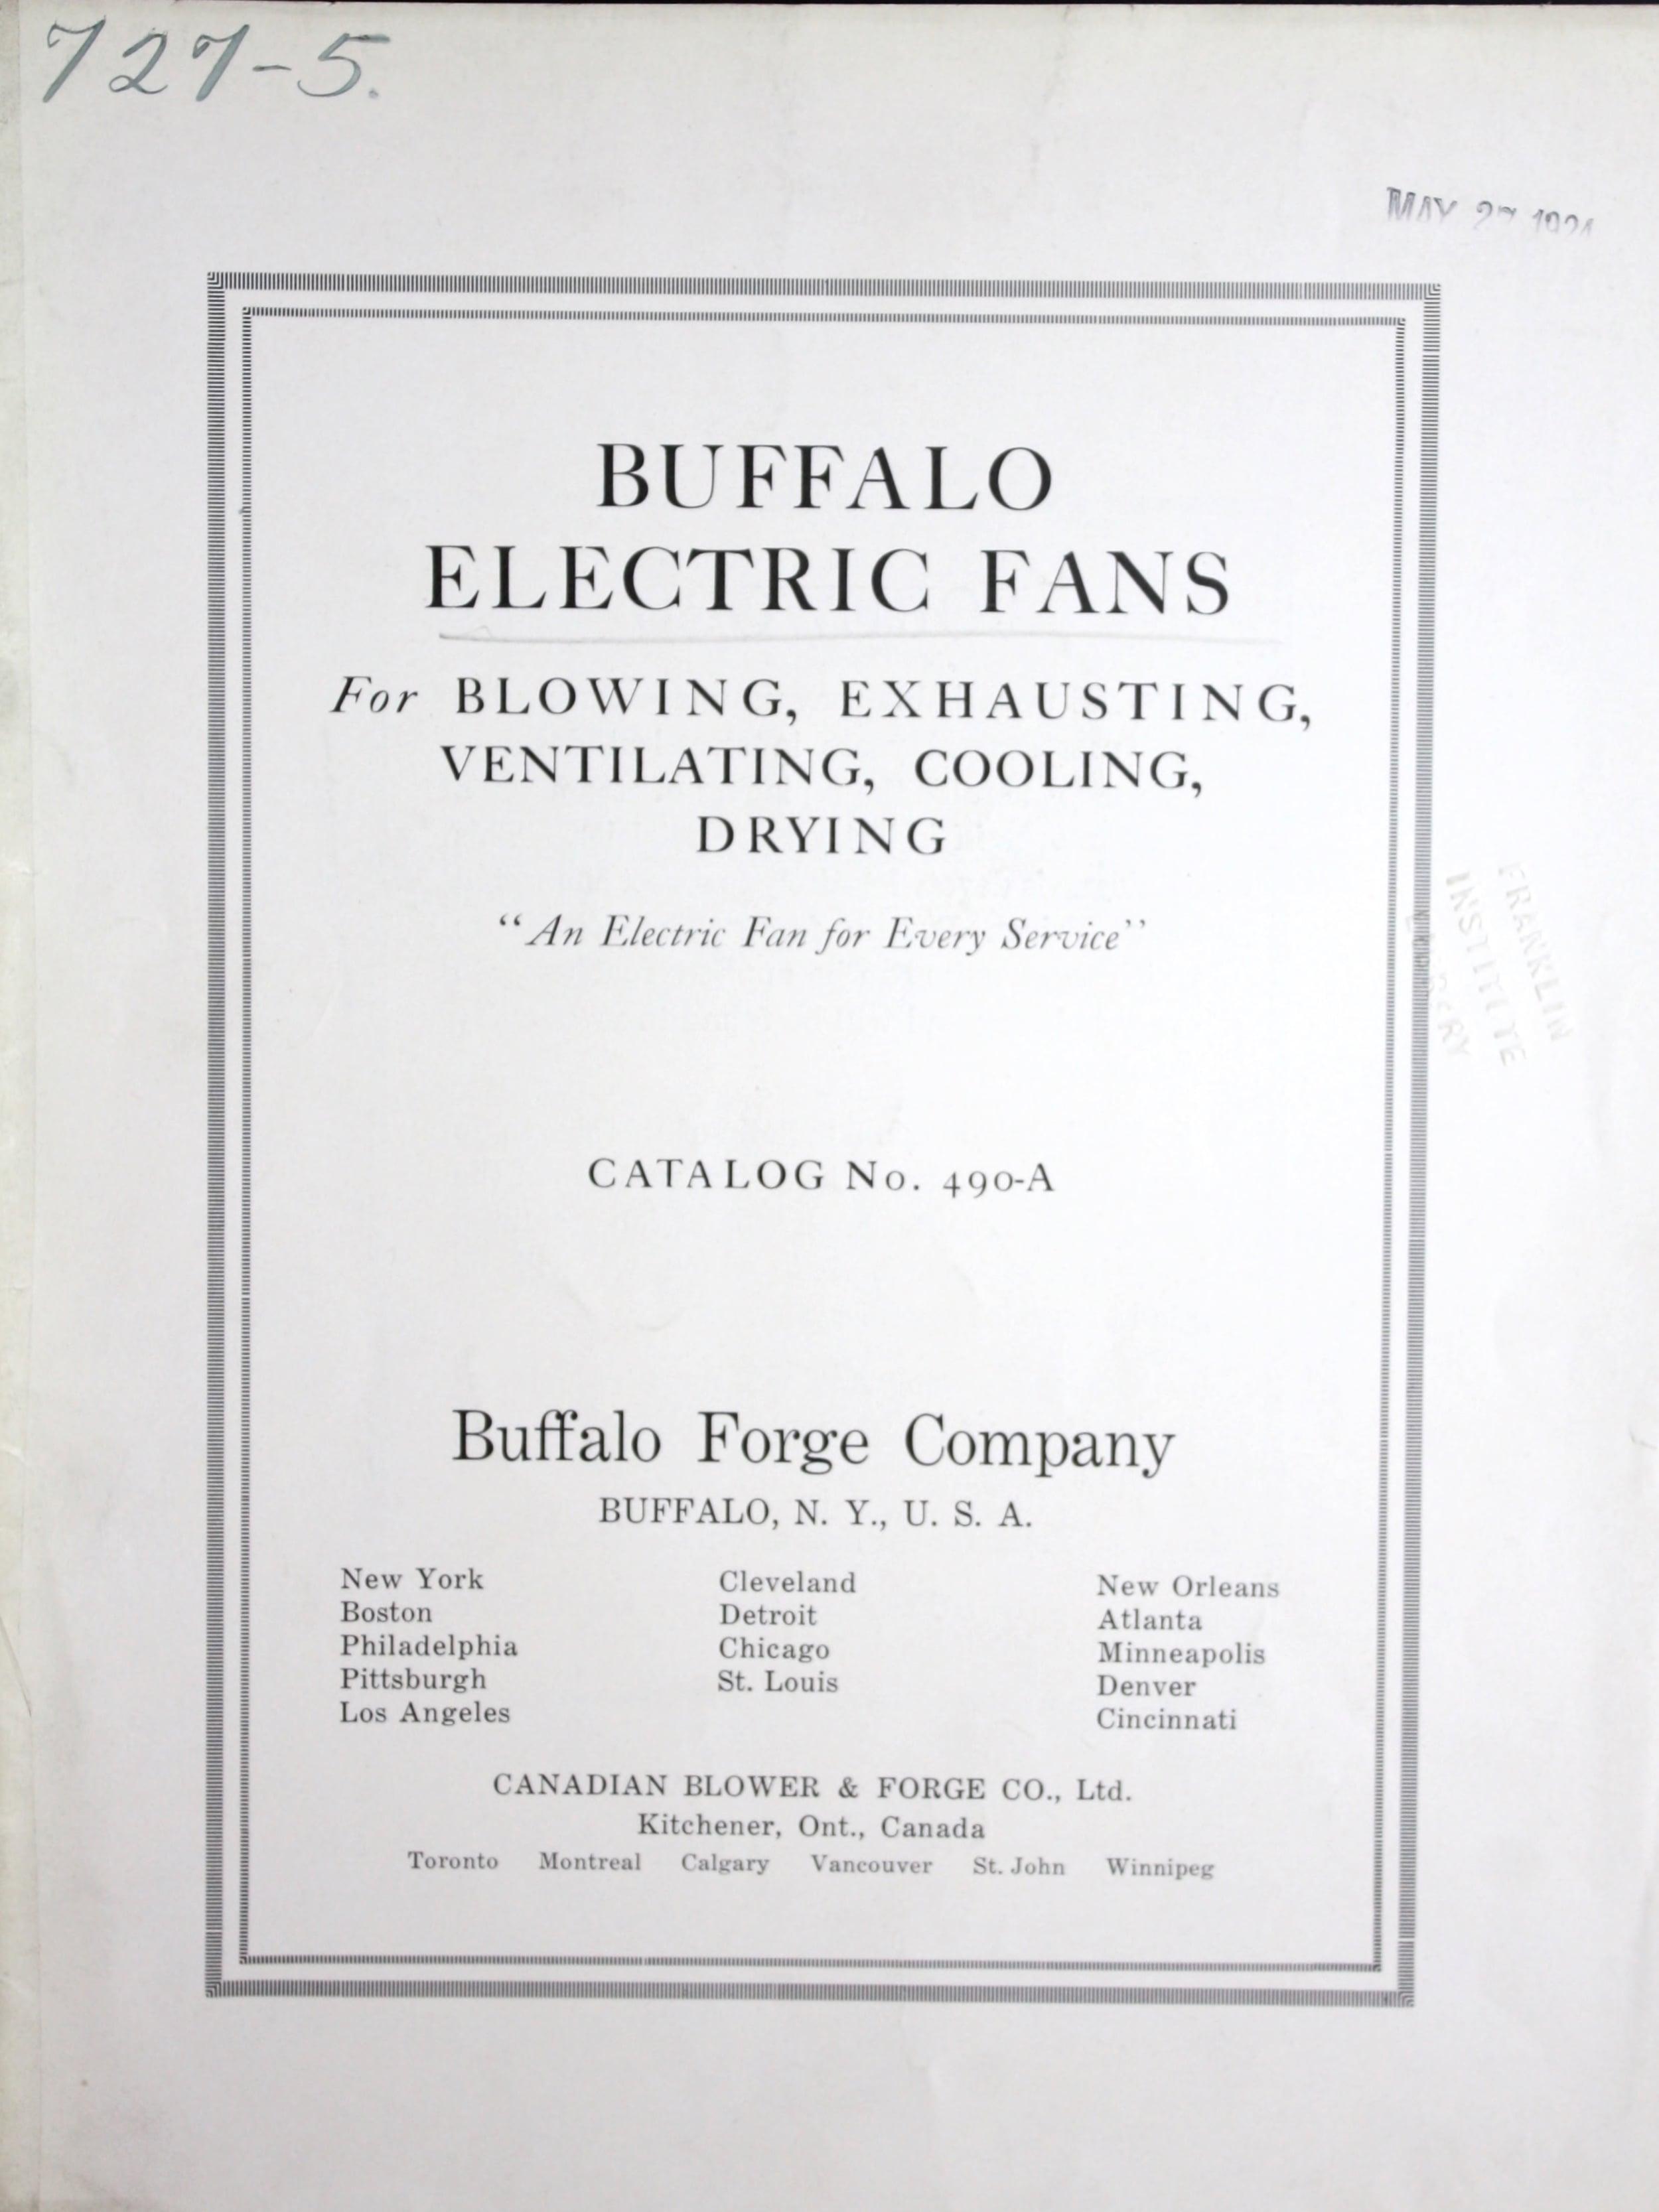 BuffaloForgeCoCca42994_0000.jpg